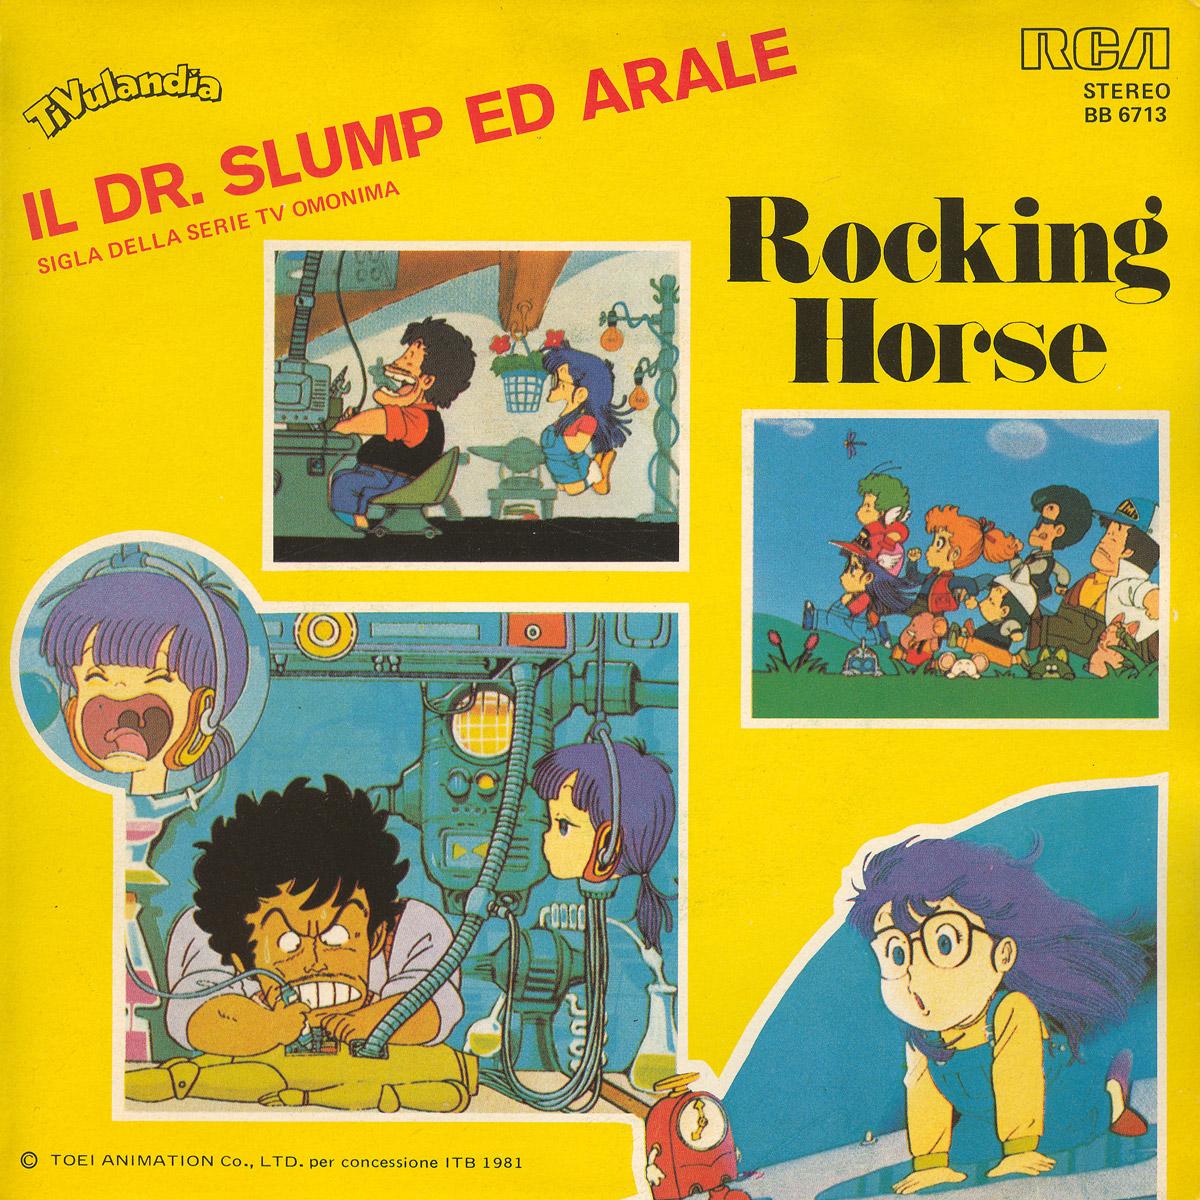 Il Dr. Slump e Arale